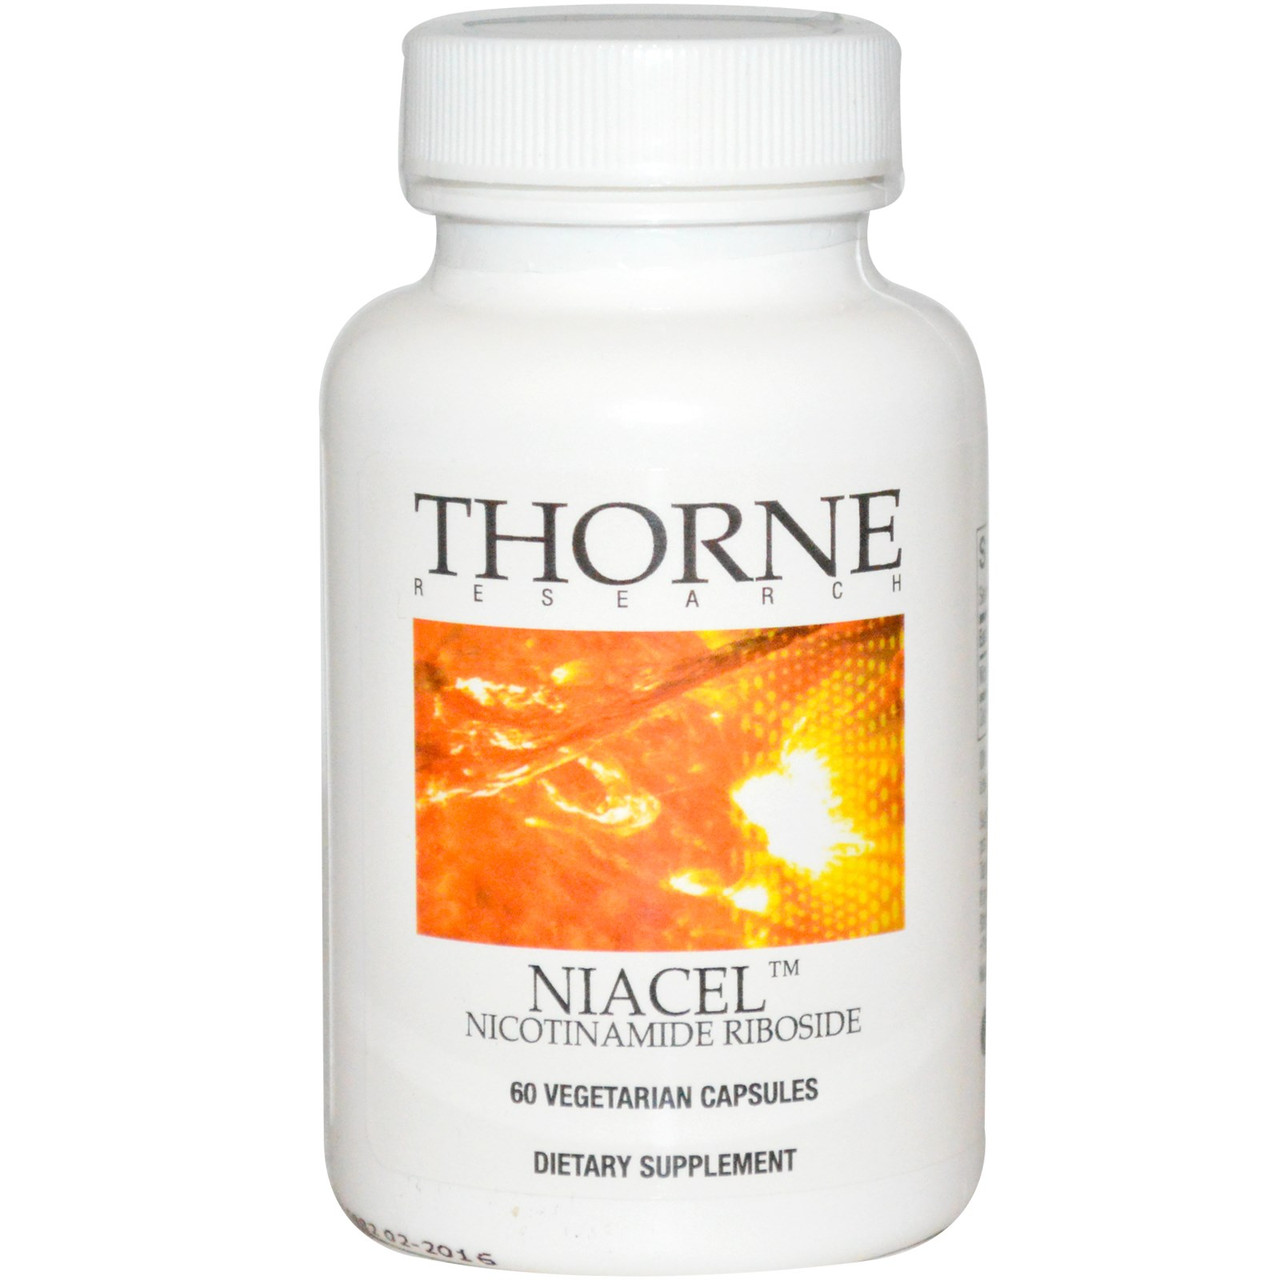 Никотинамид рибозид, Thorne Research, Niacel, 125 мг, 60 капсул. Сделано в США.